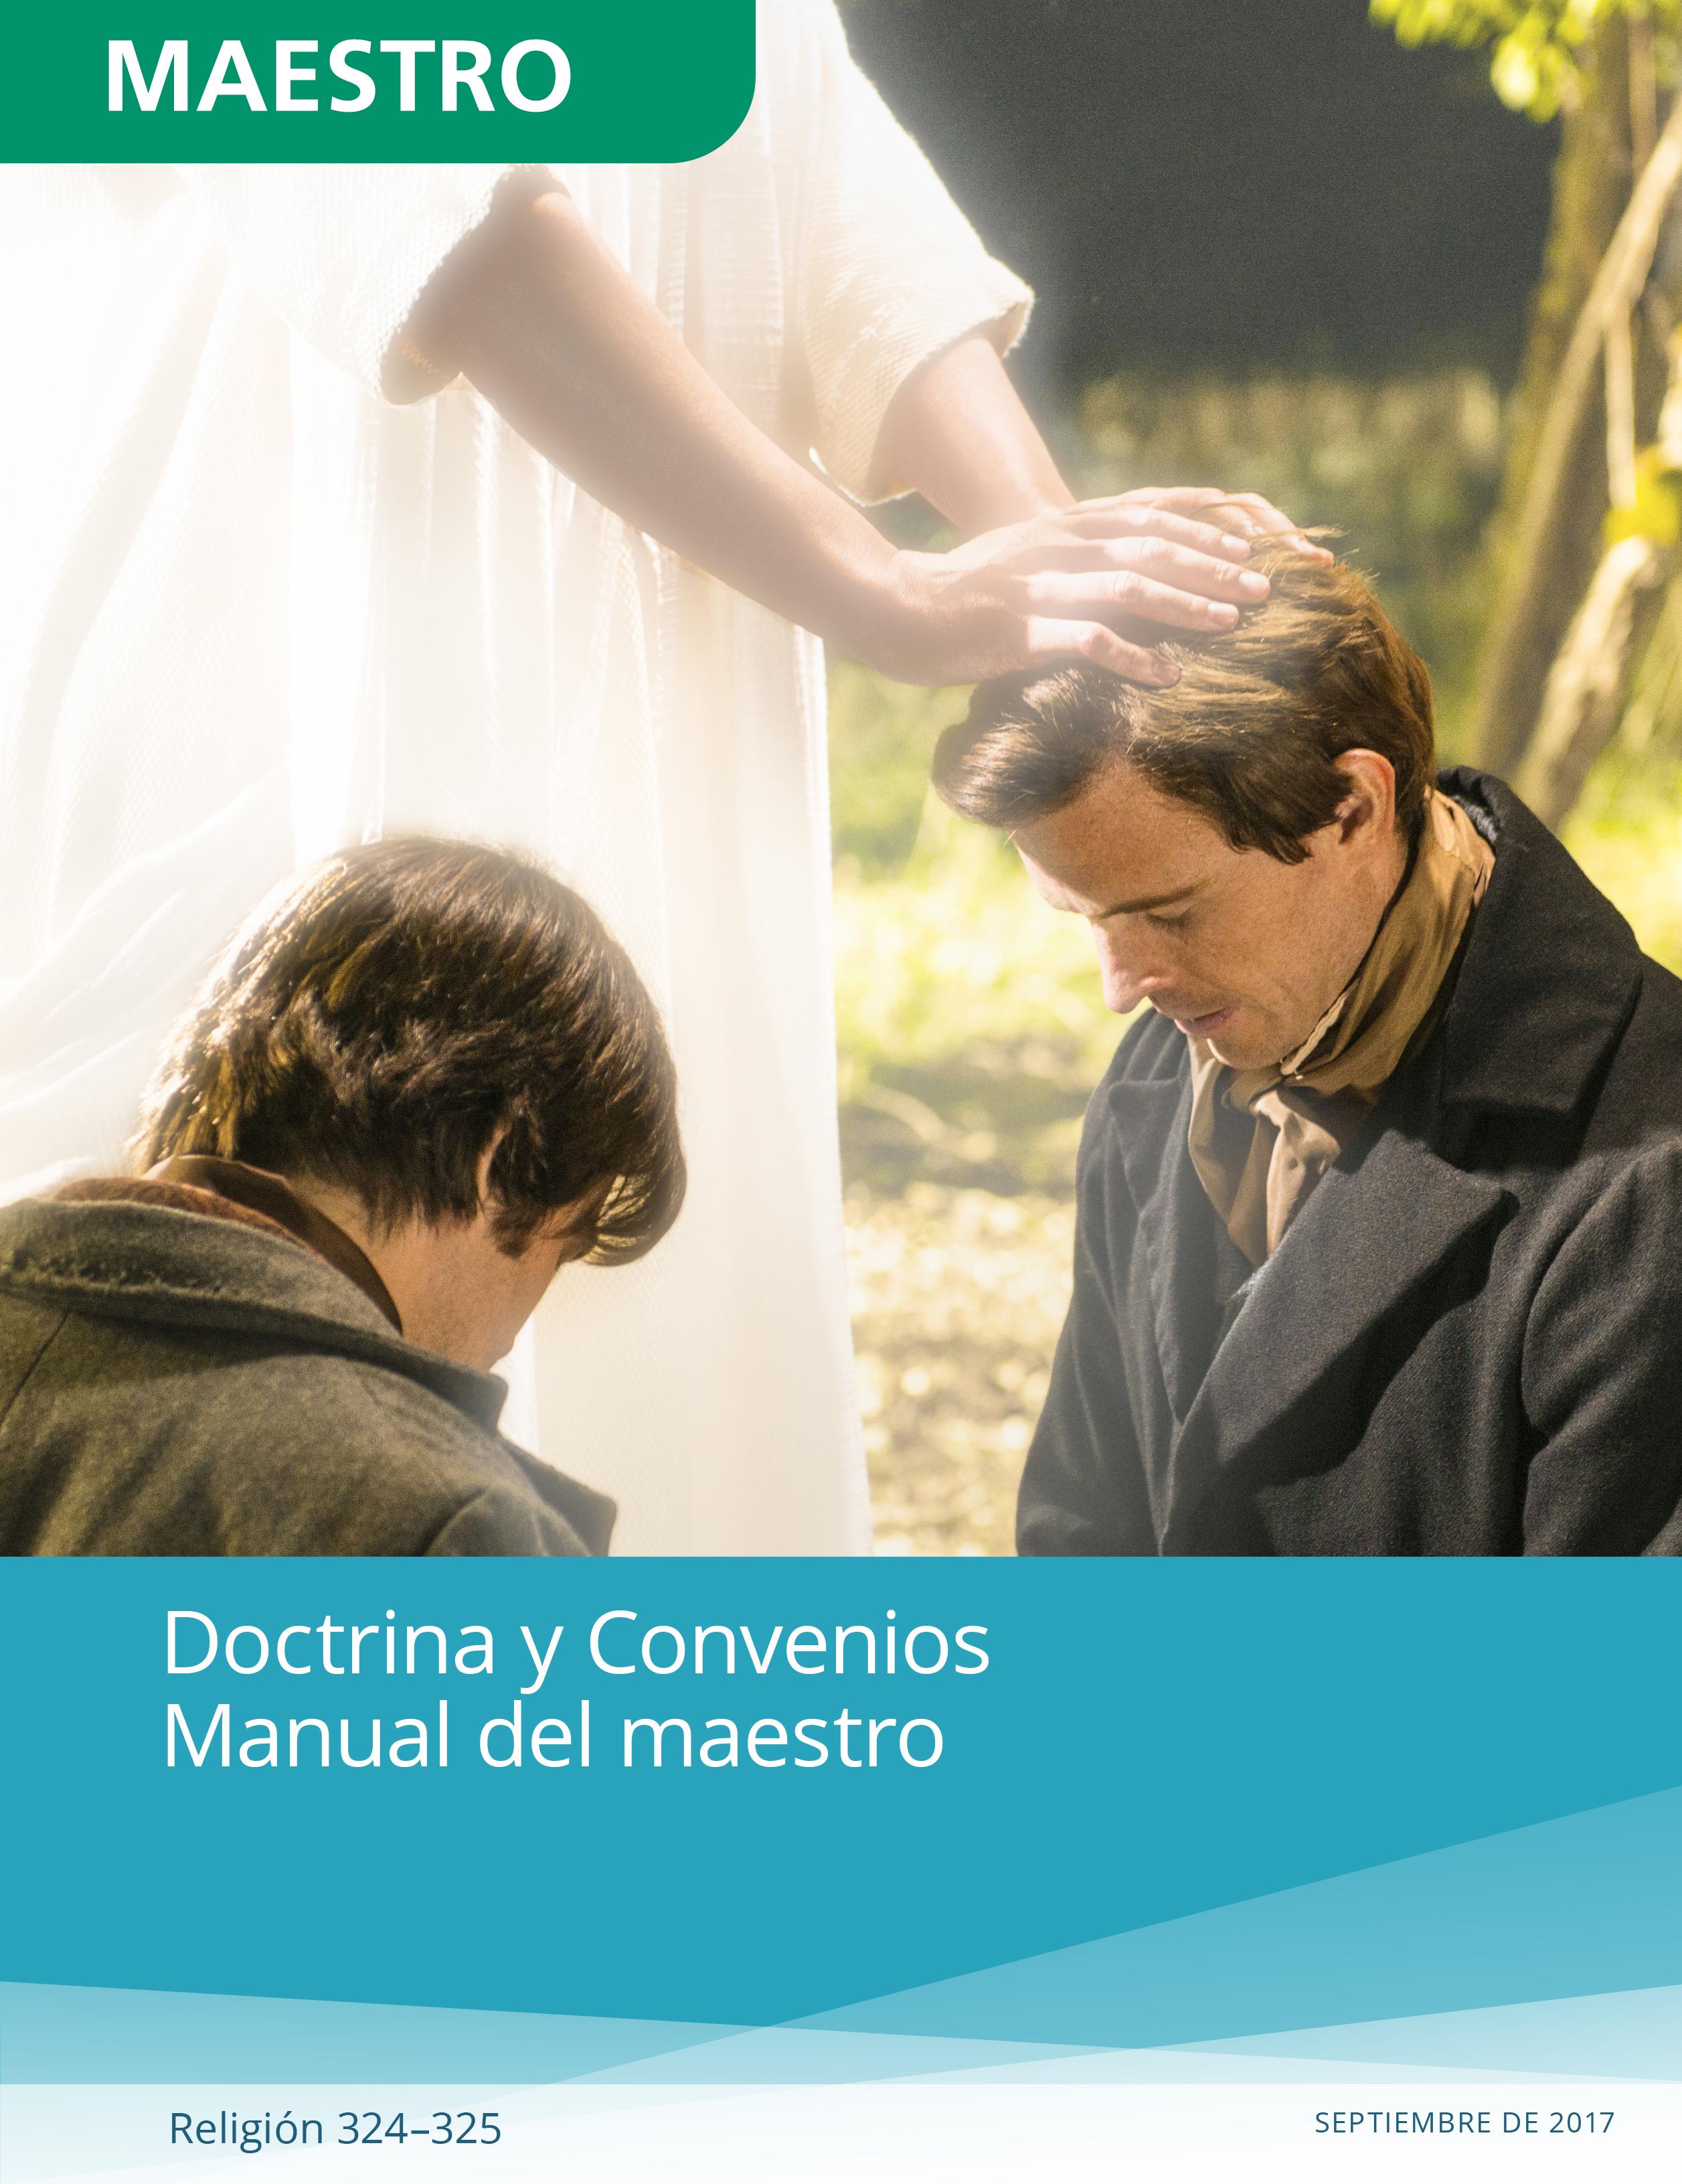 Doctrina y Convenios: Manual del maestro